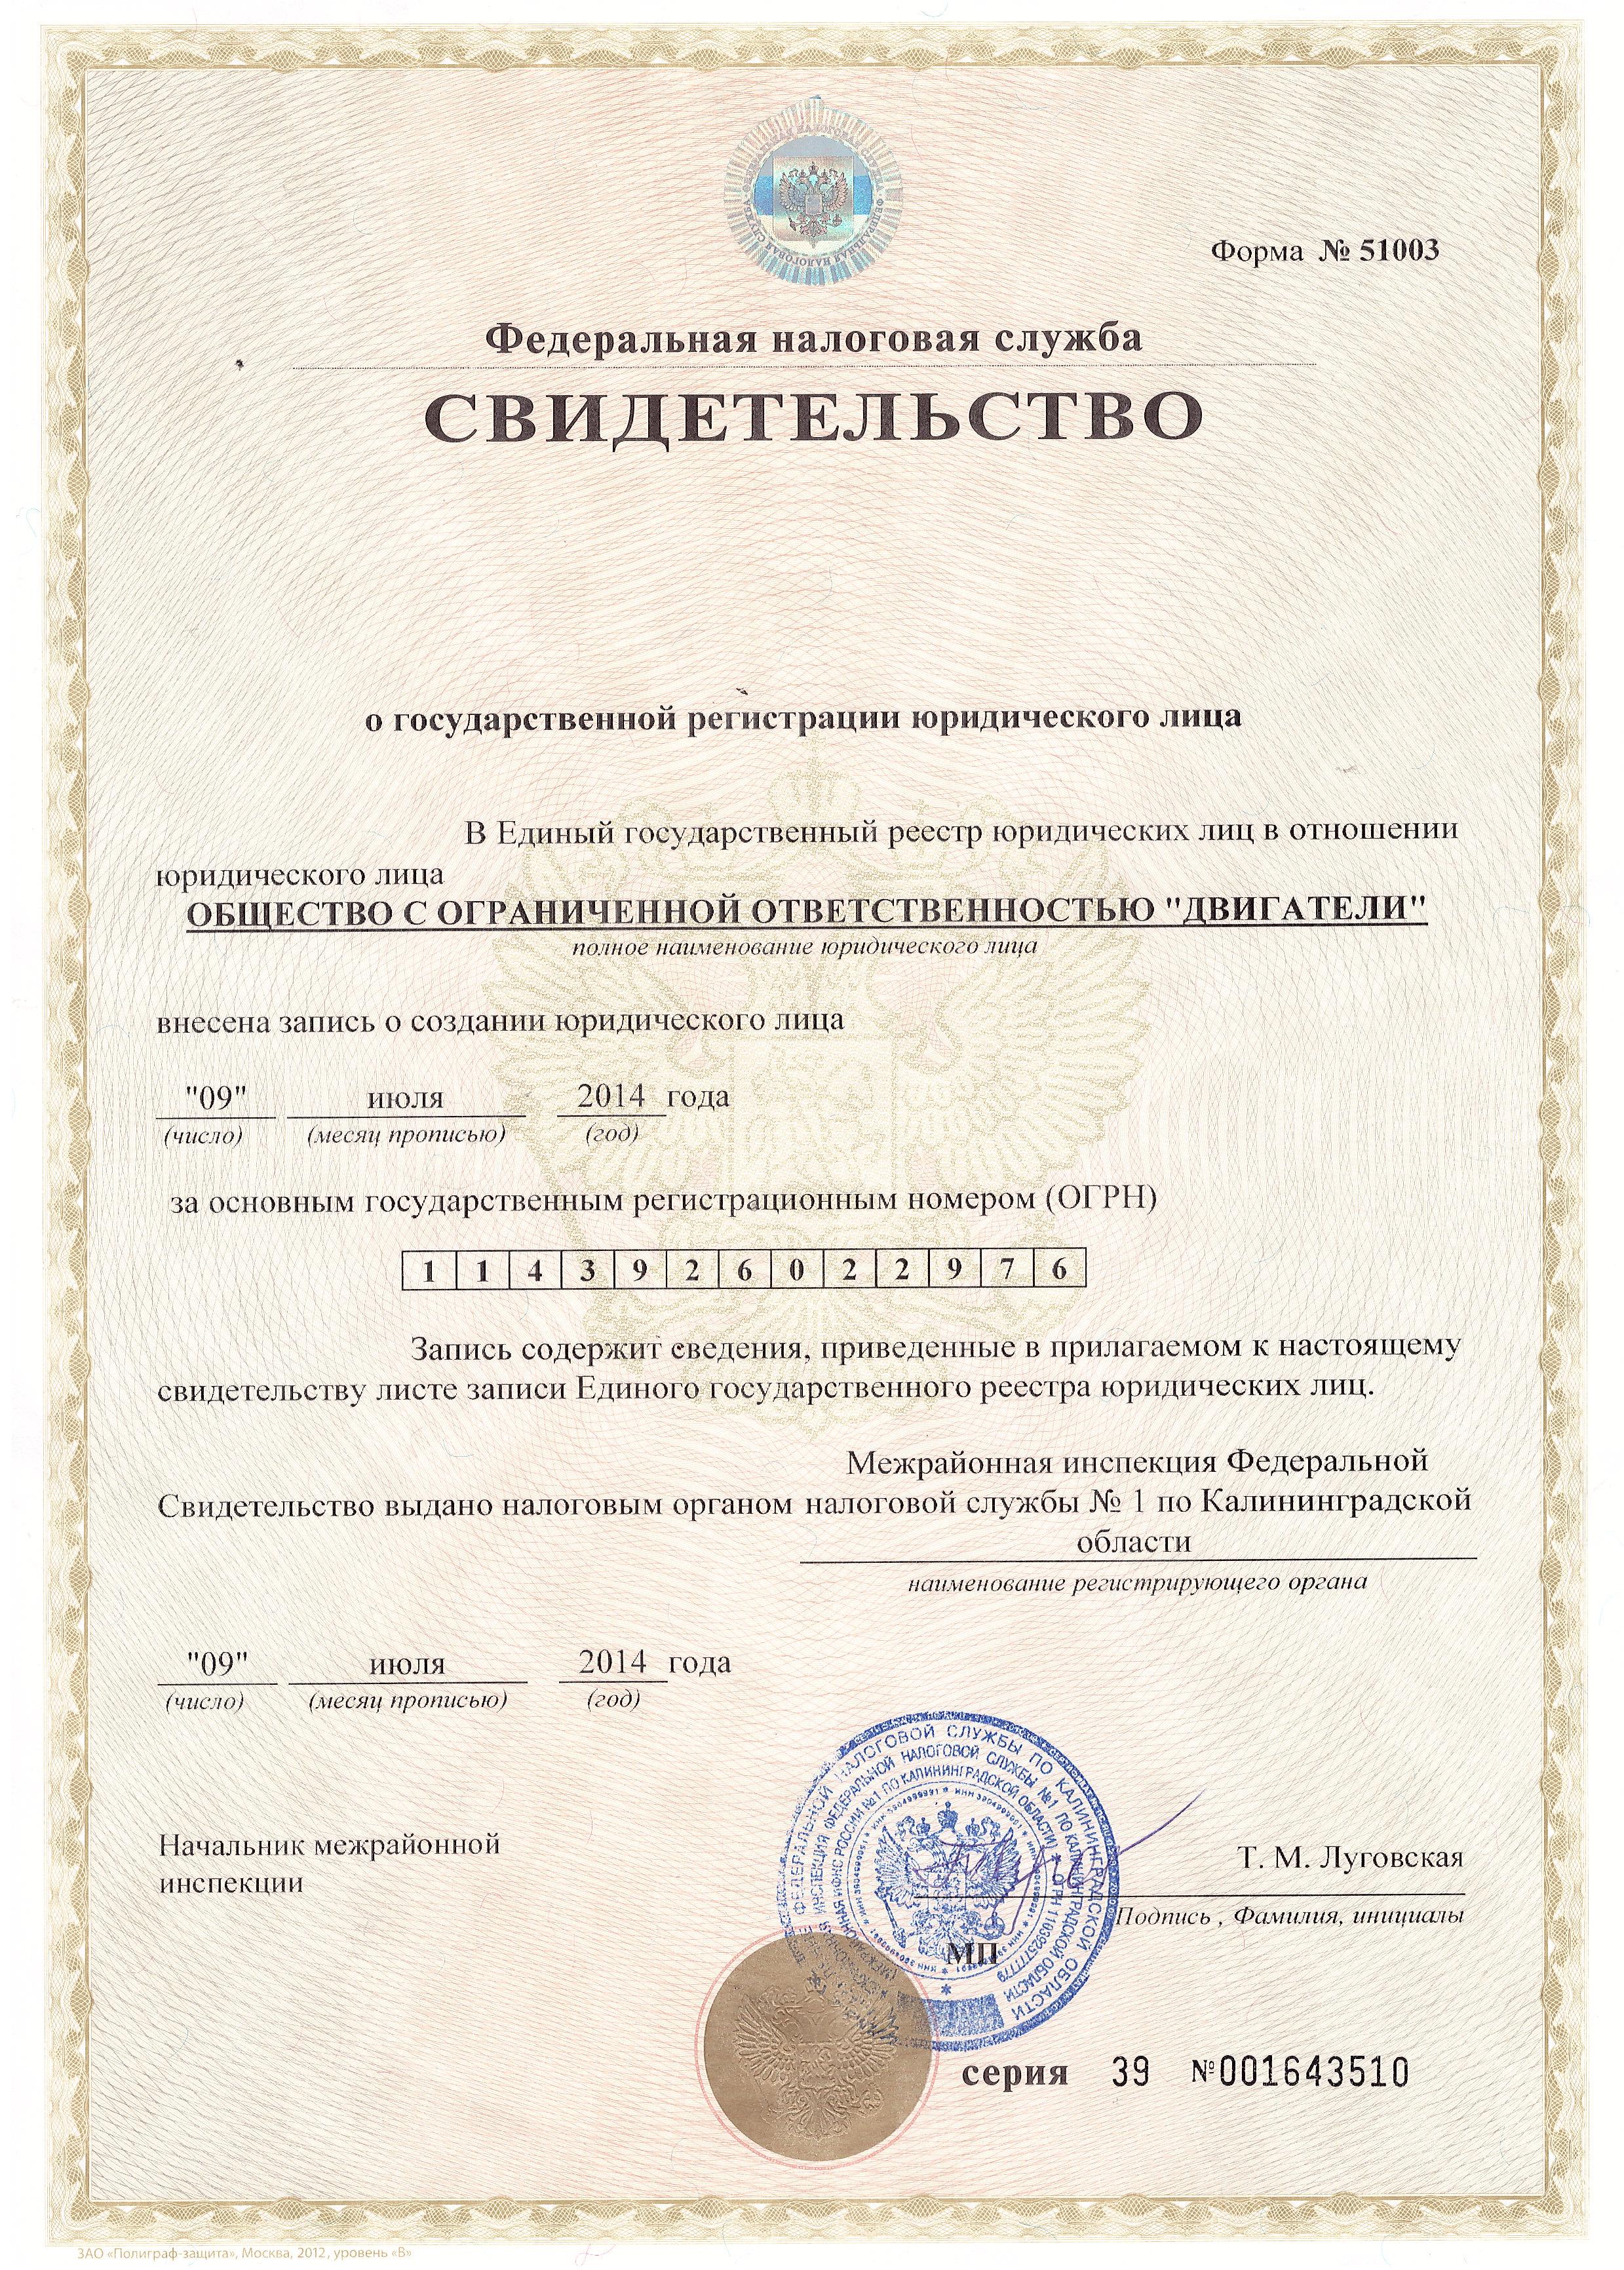 бланк заявления о постановке на учет автомобиля в гибдд 2015